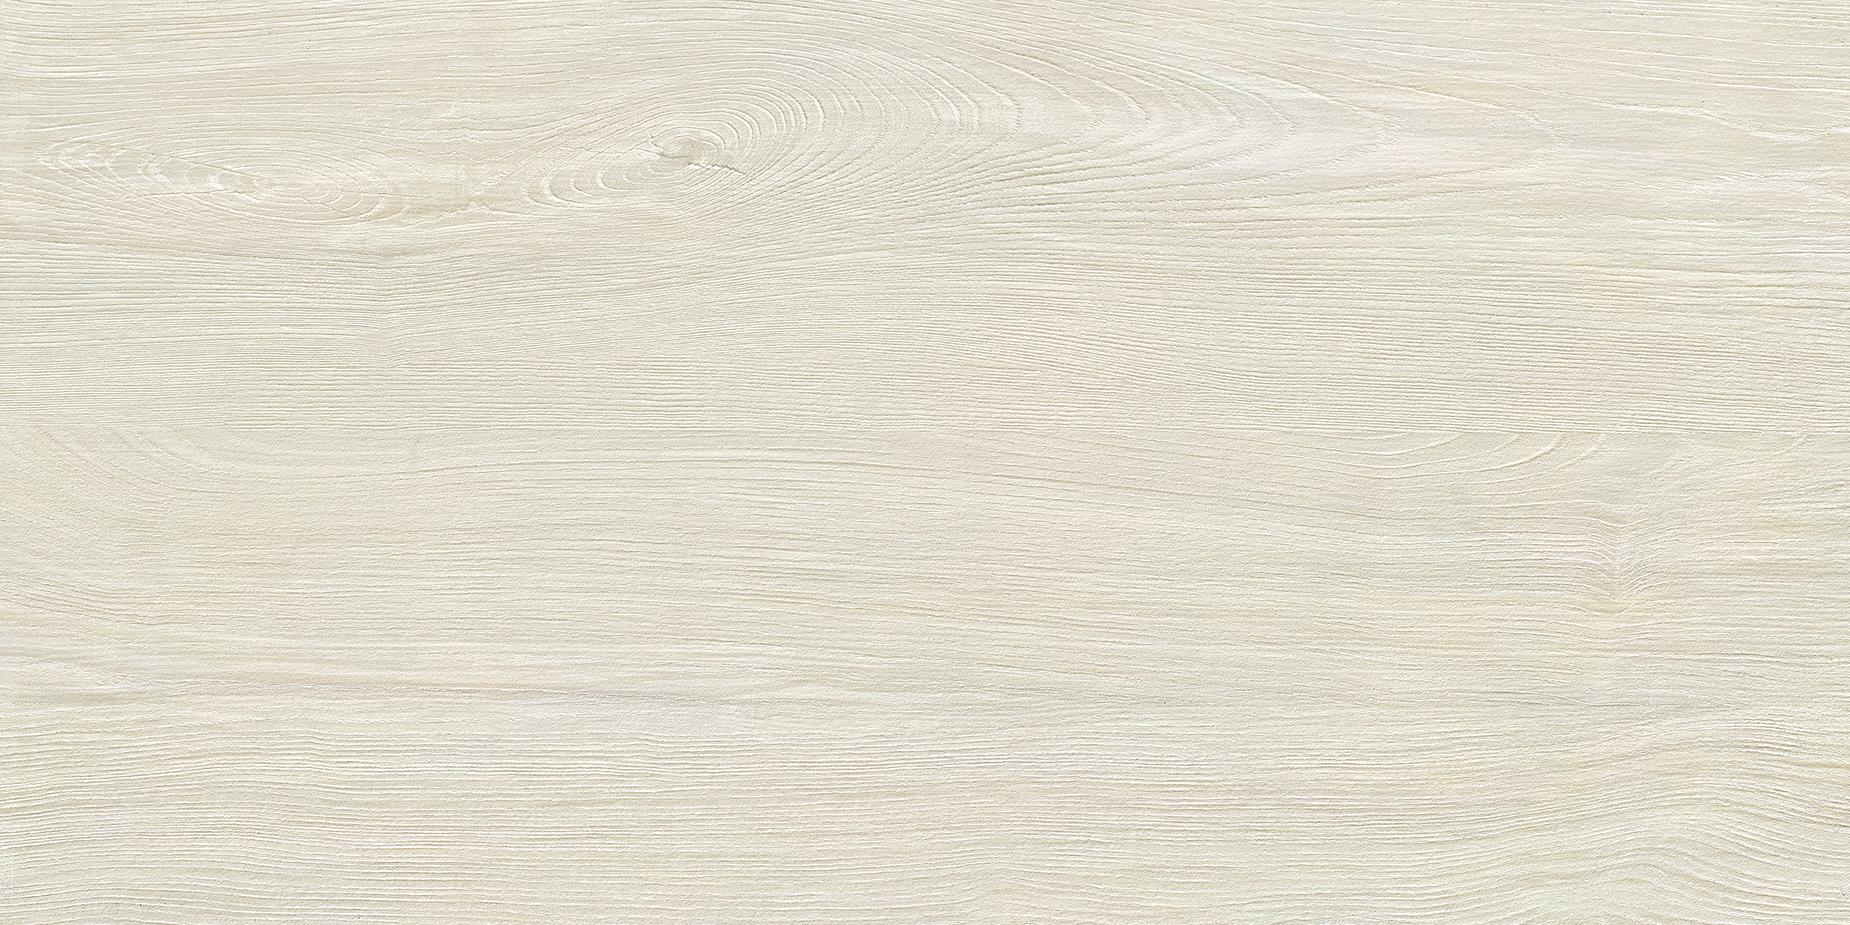 TSD62082 西洋杉木